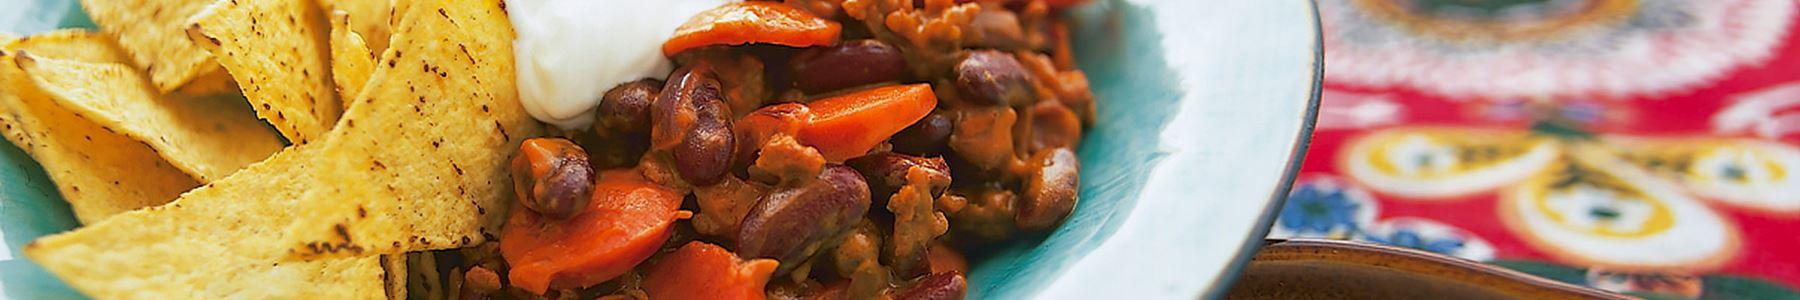 GI-metoden + Korv + Middag + Tortilla